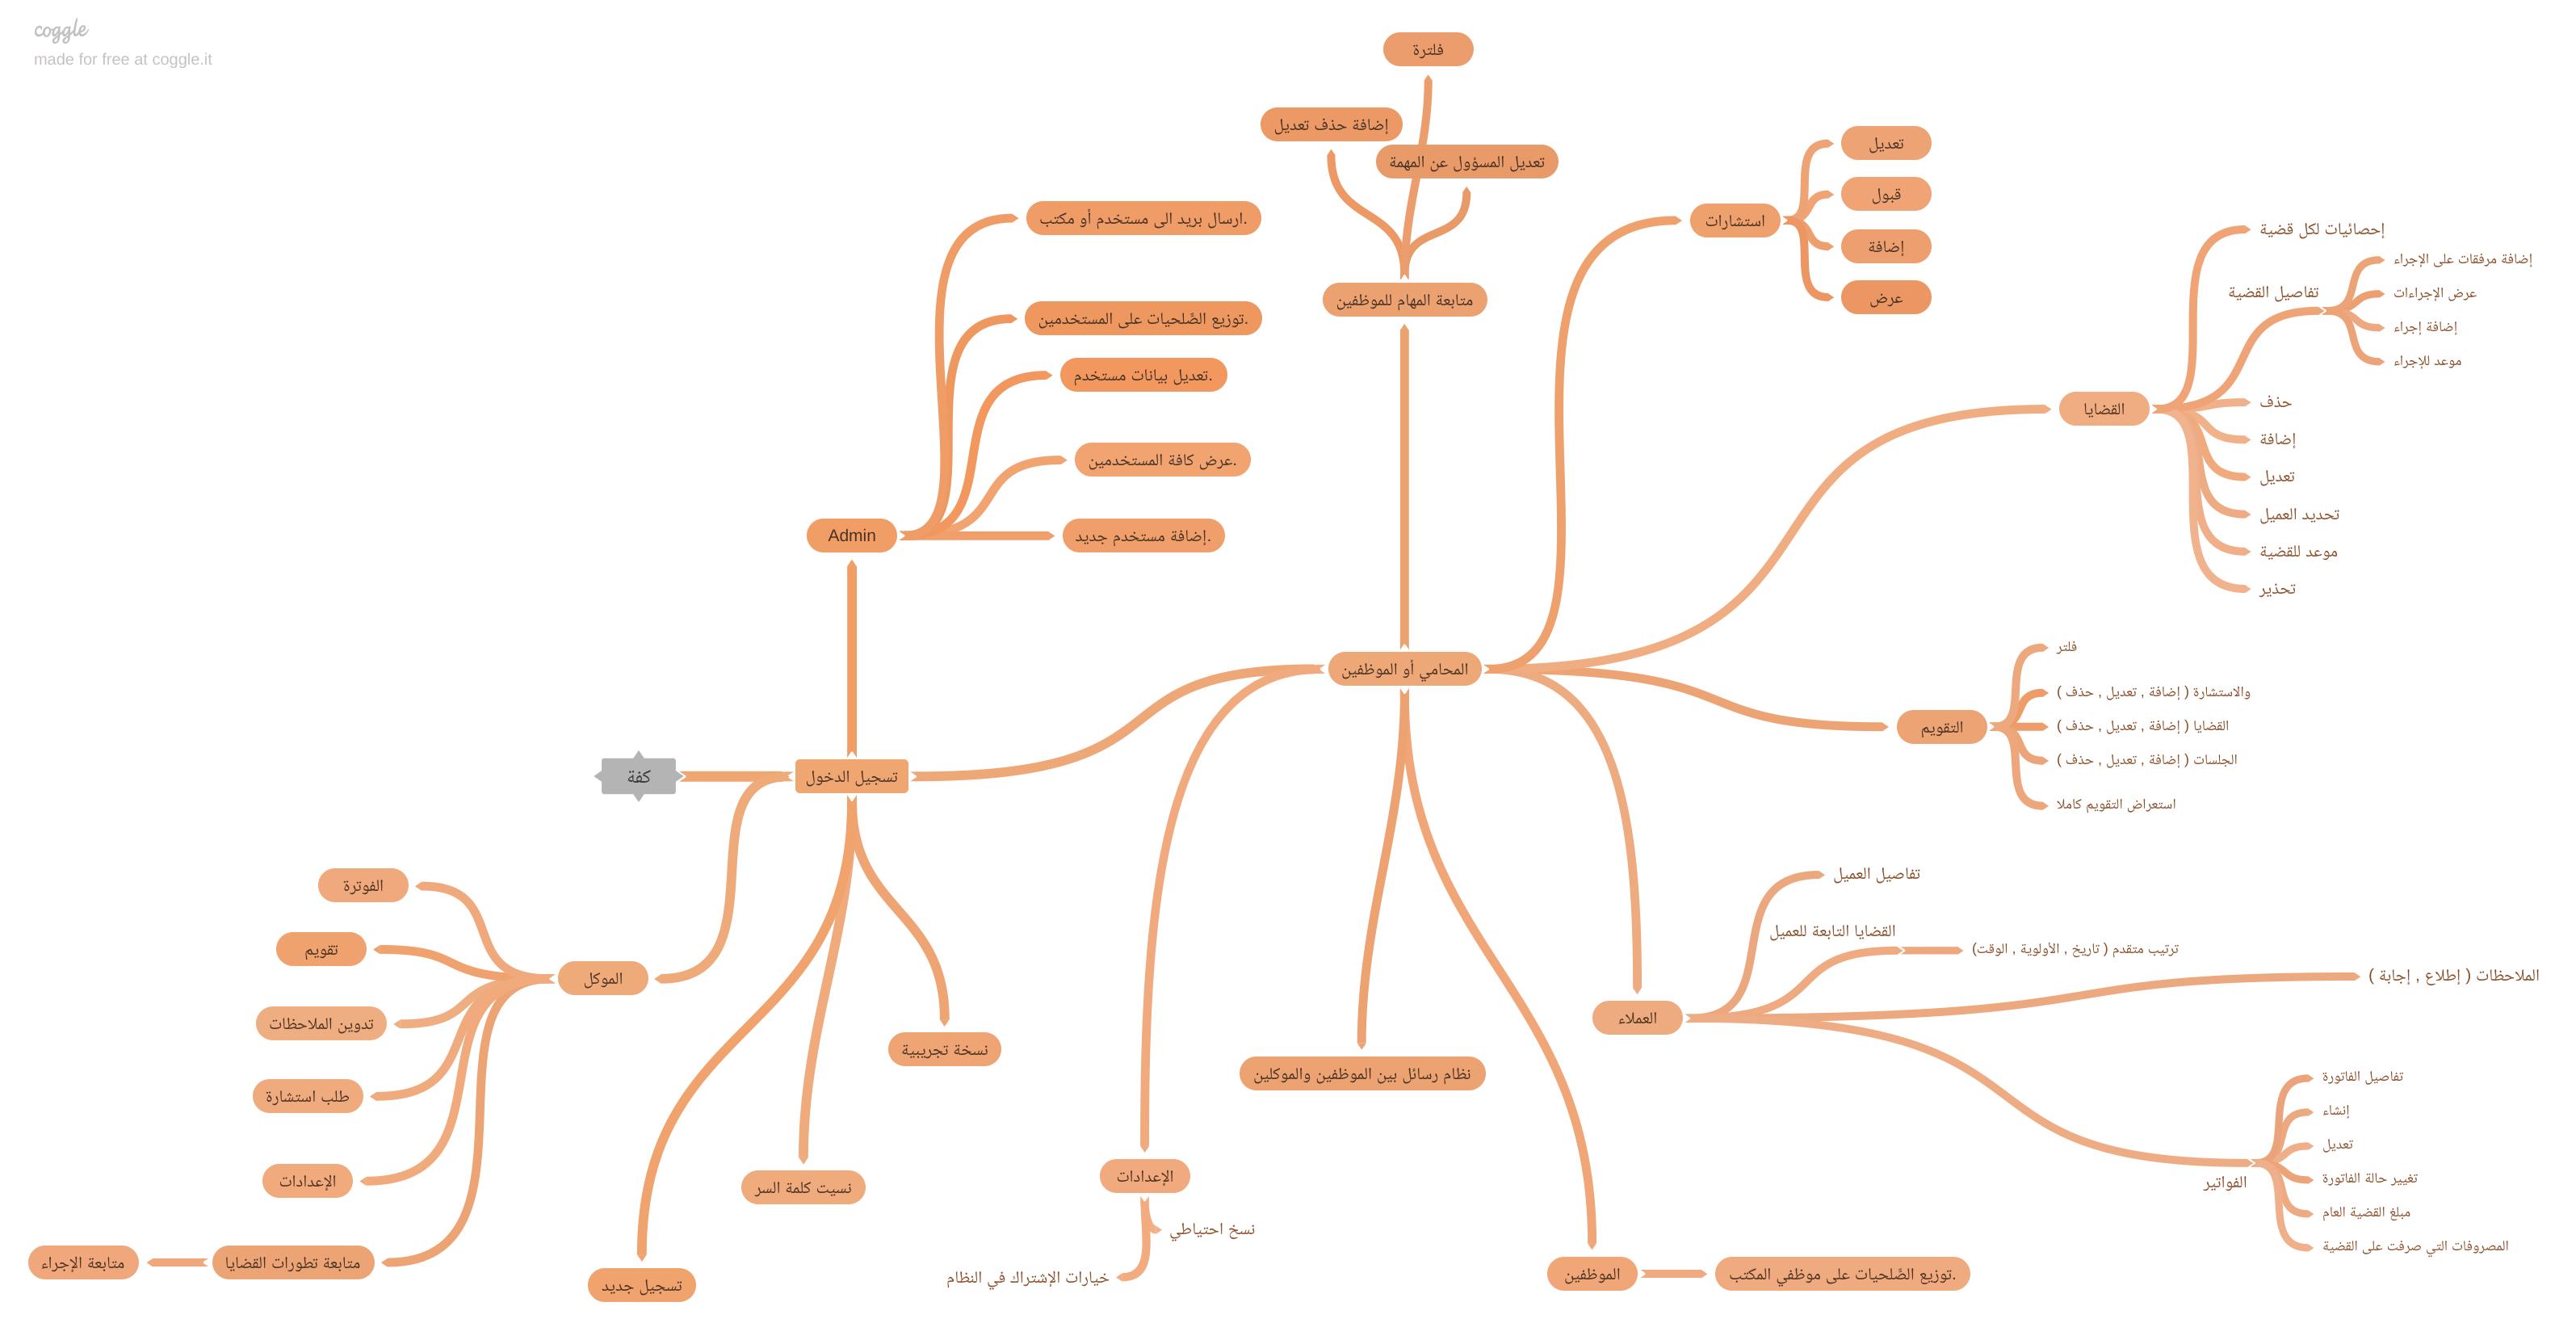 الخريطة الذهنية لمشروع كفة للمحامين